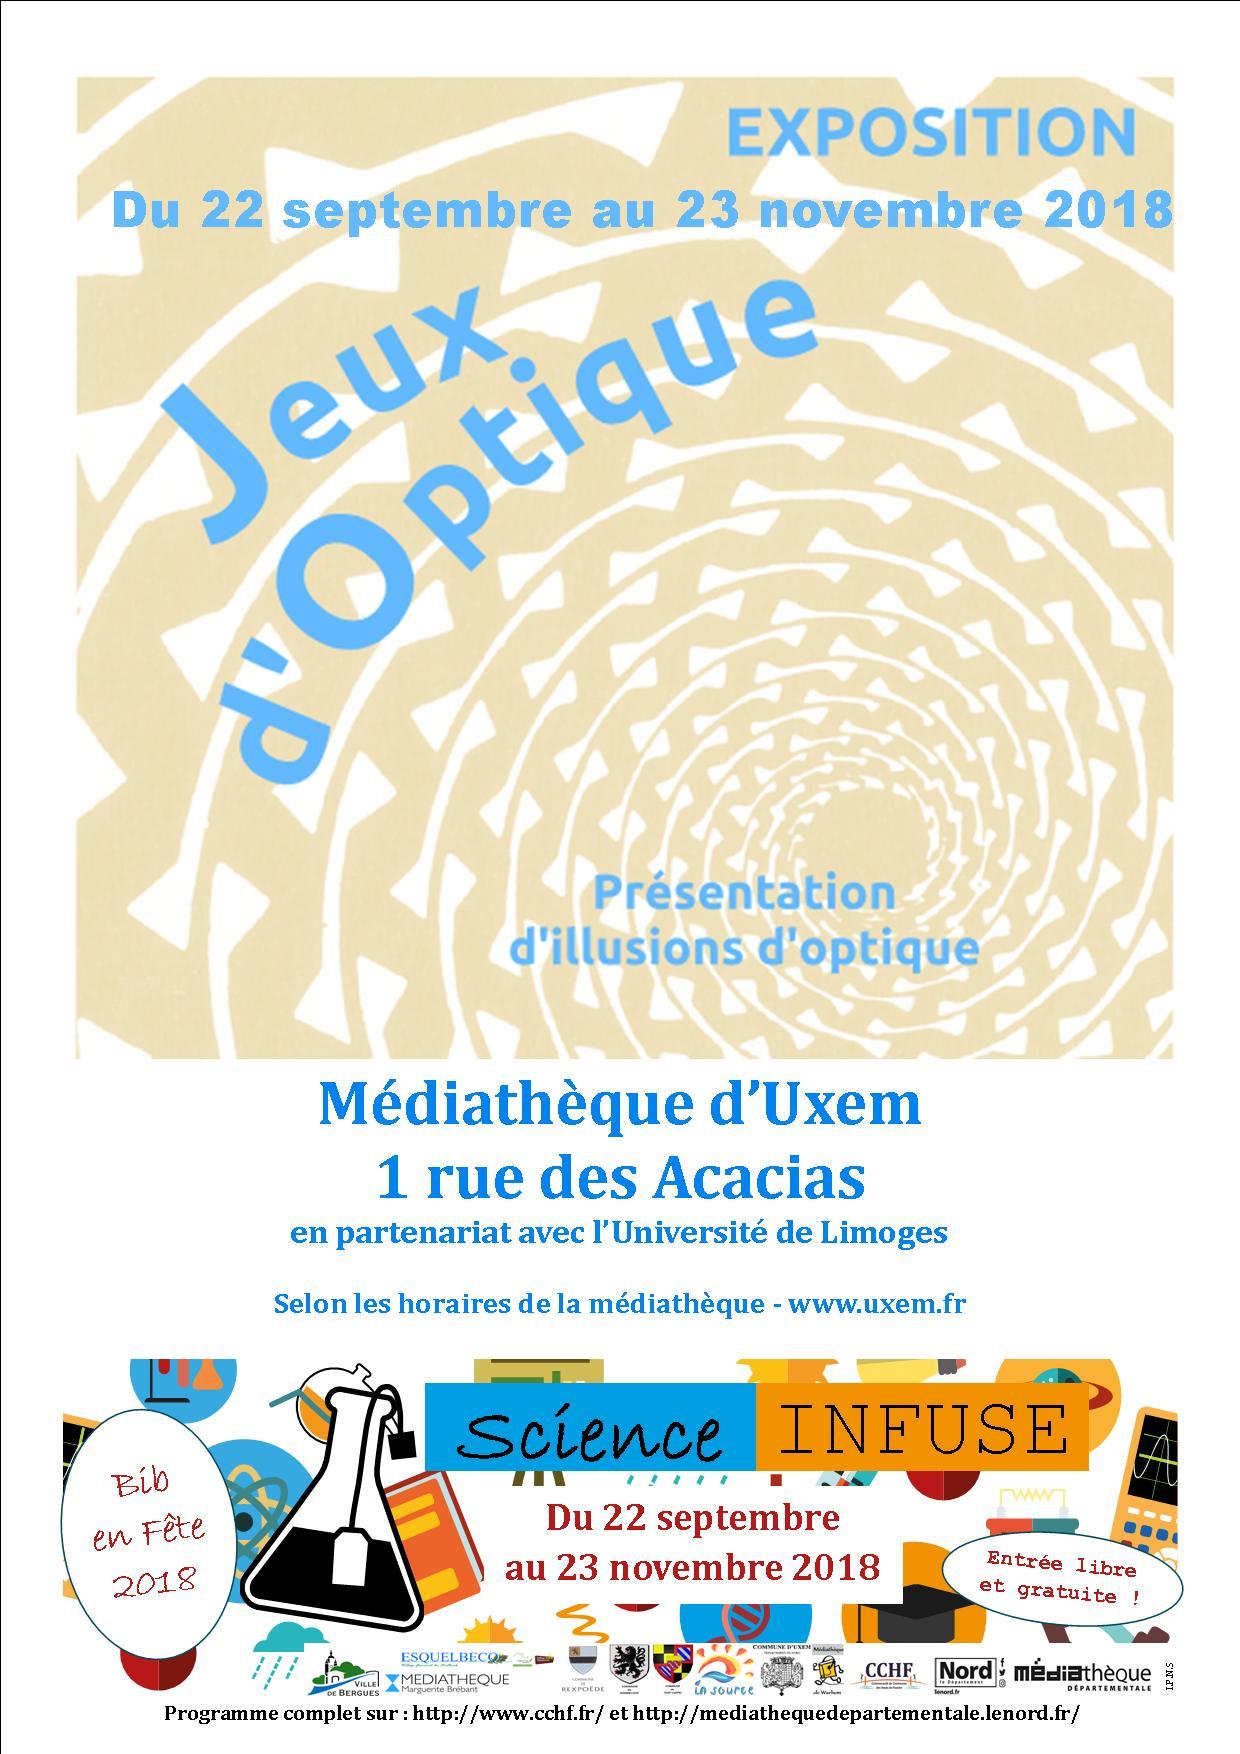 uxem_-_expo_jeux_d_optique.jpg